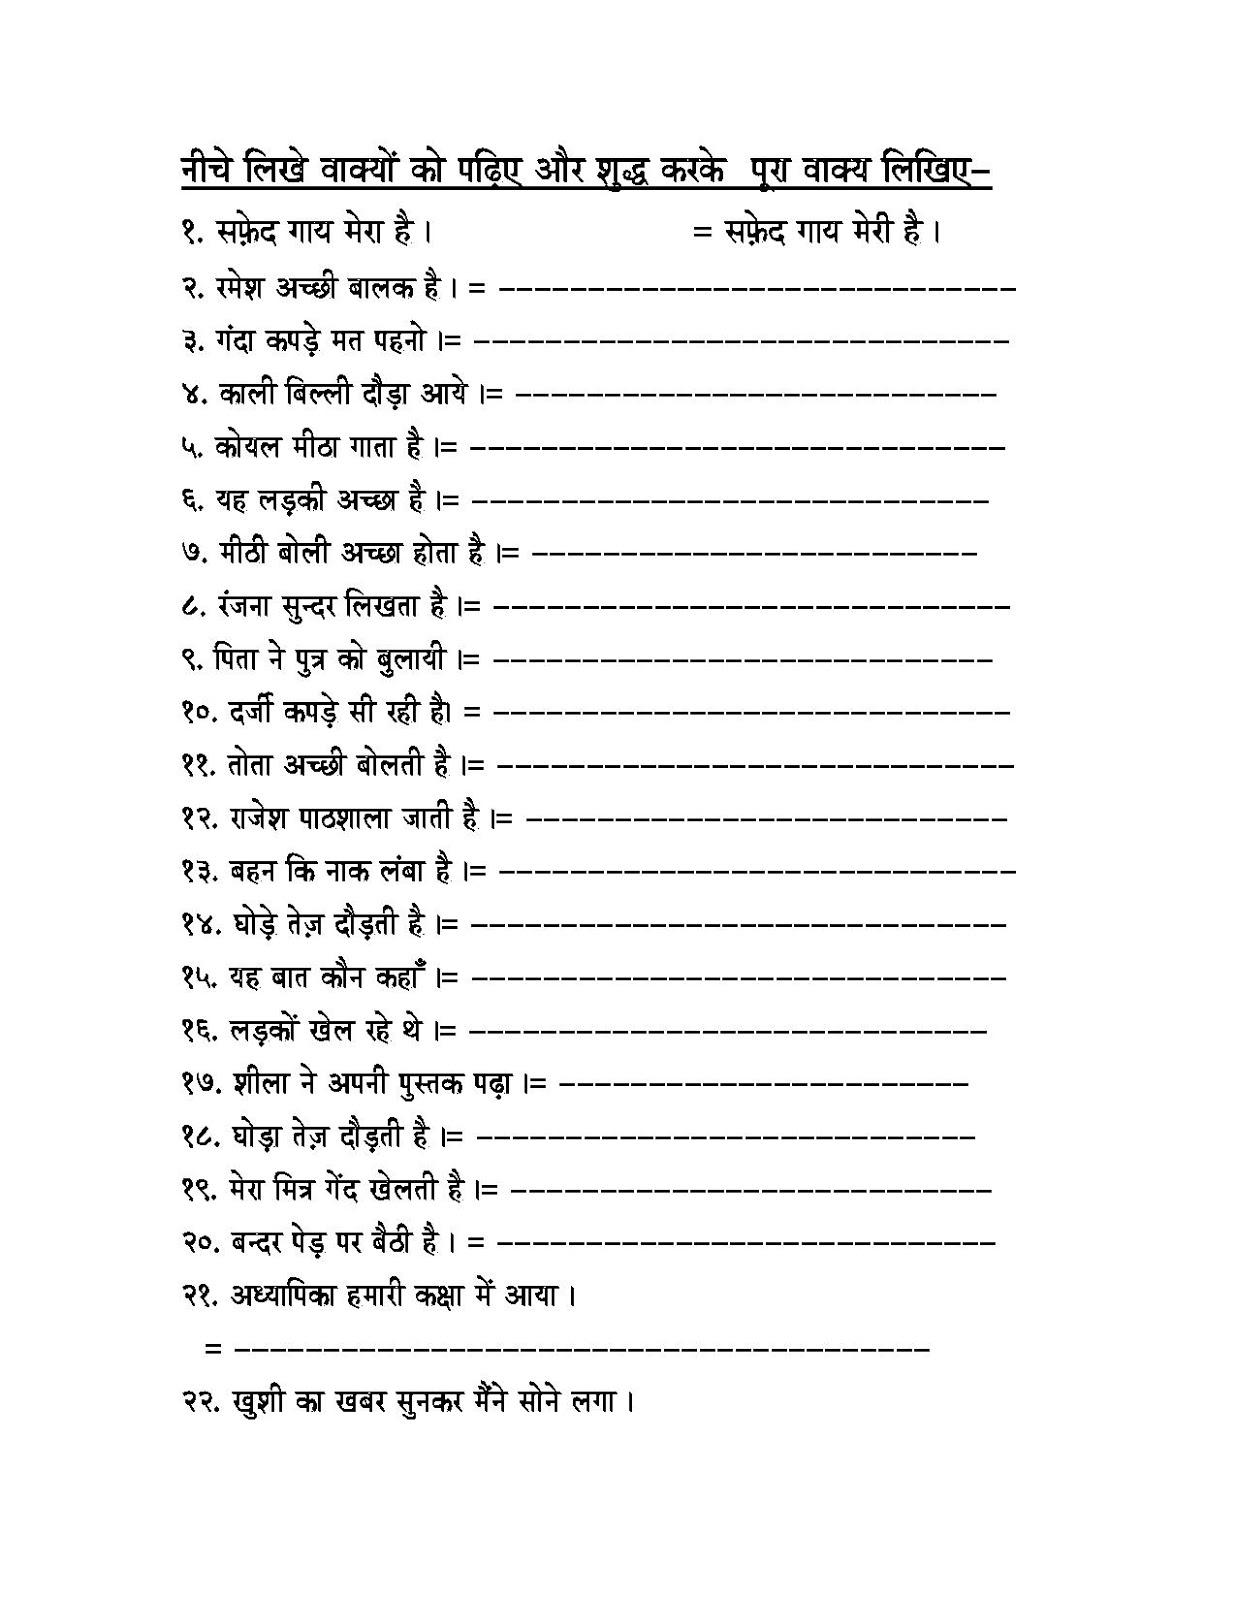 100+  Grade 1 Hindi Worksheets    Free Fun Worksheets For Kids Free Fun  Printable Hindi Worksheet [ 1600 x 1236 Pixel ]